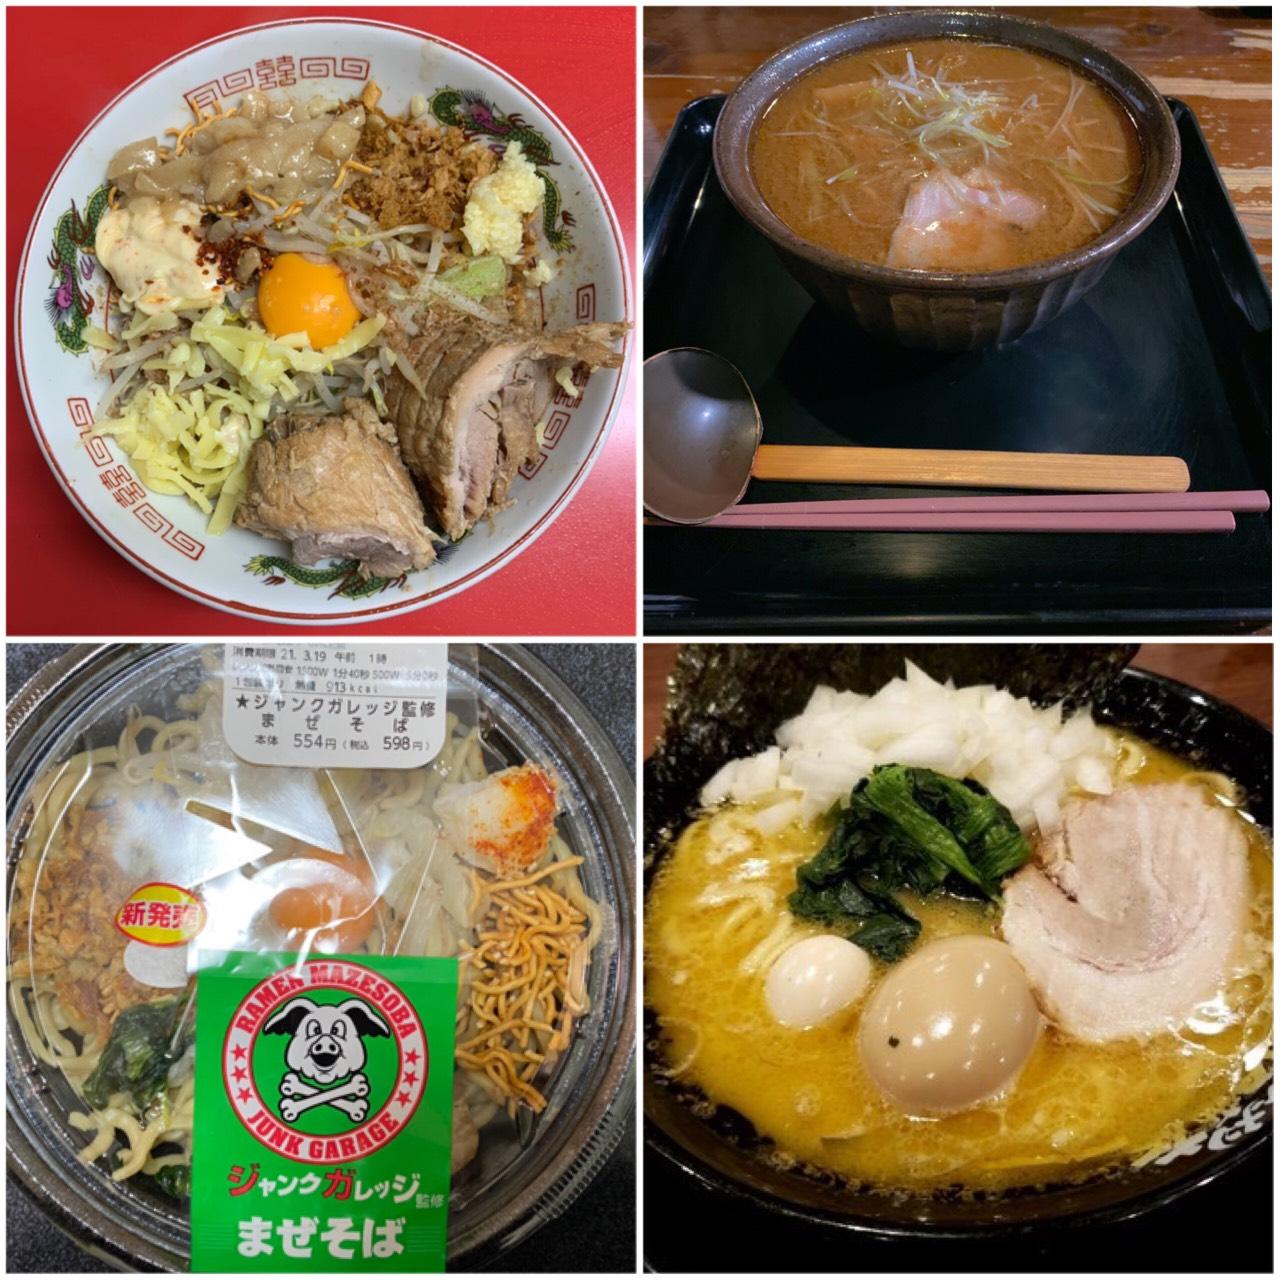 職人さんのランチ調査!埼玉の美味しいラーメン屋!